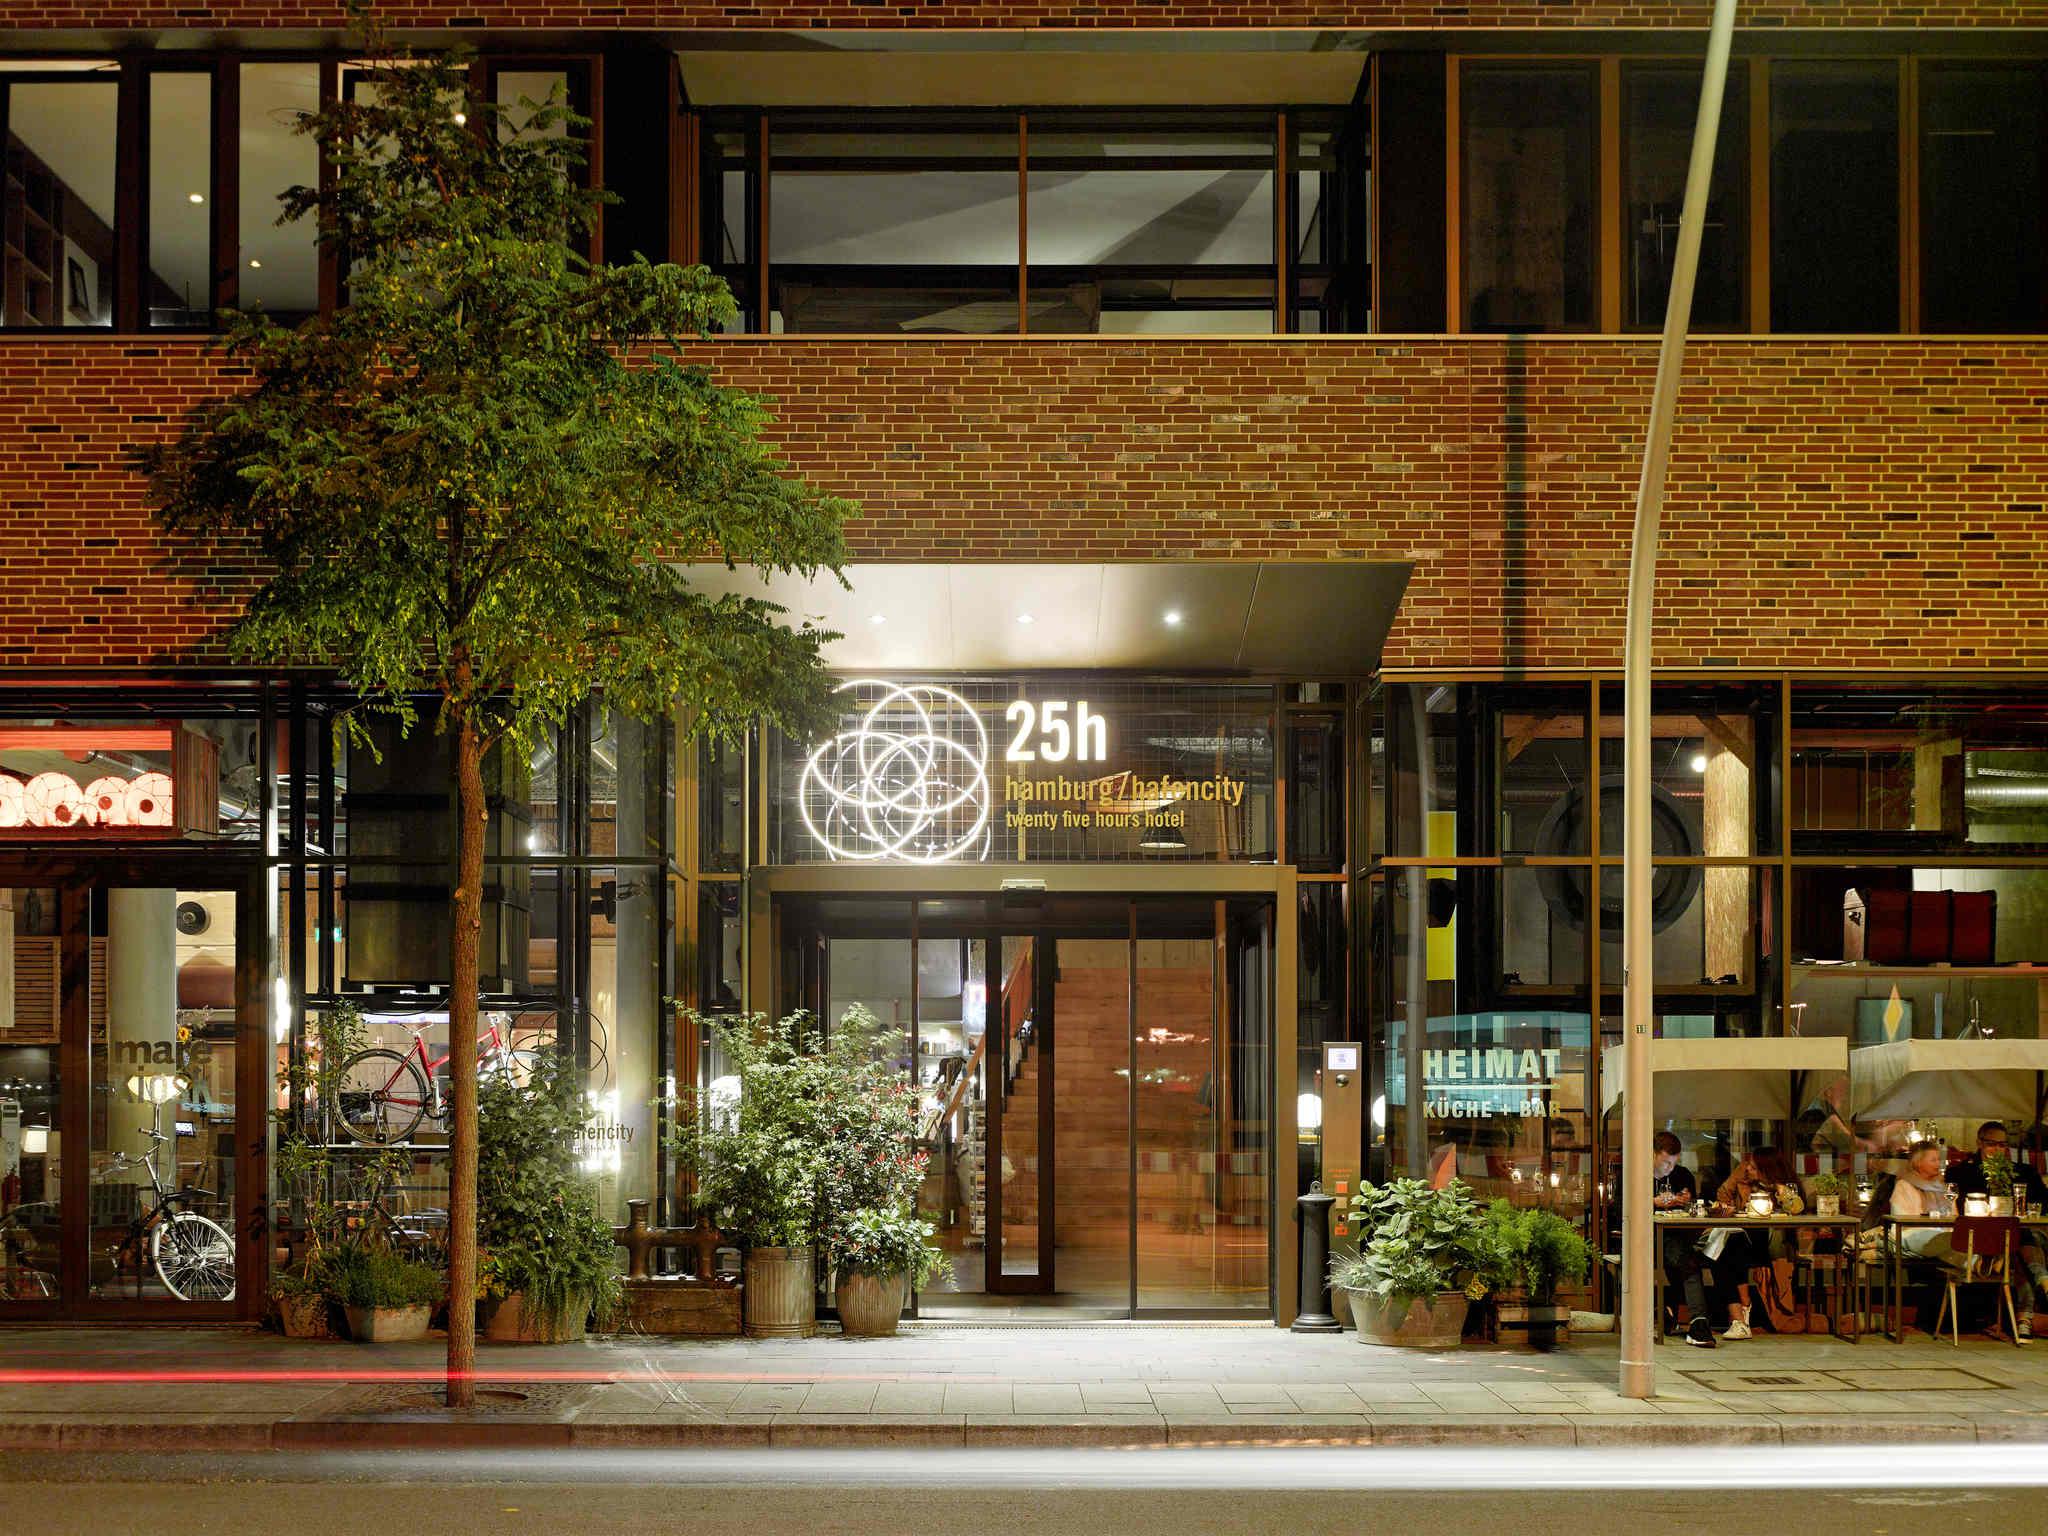 فندق - فندق 25 أورز هوتيل هامبورج هافن سيتي